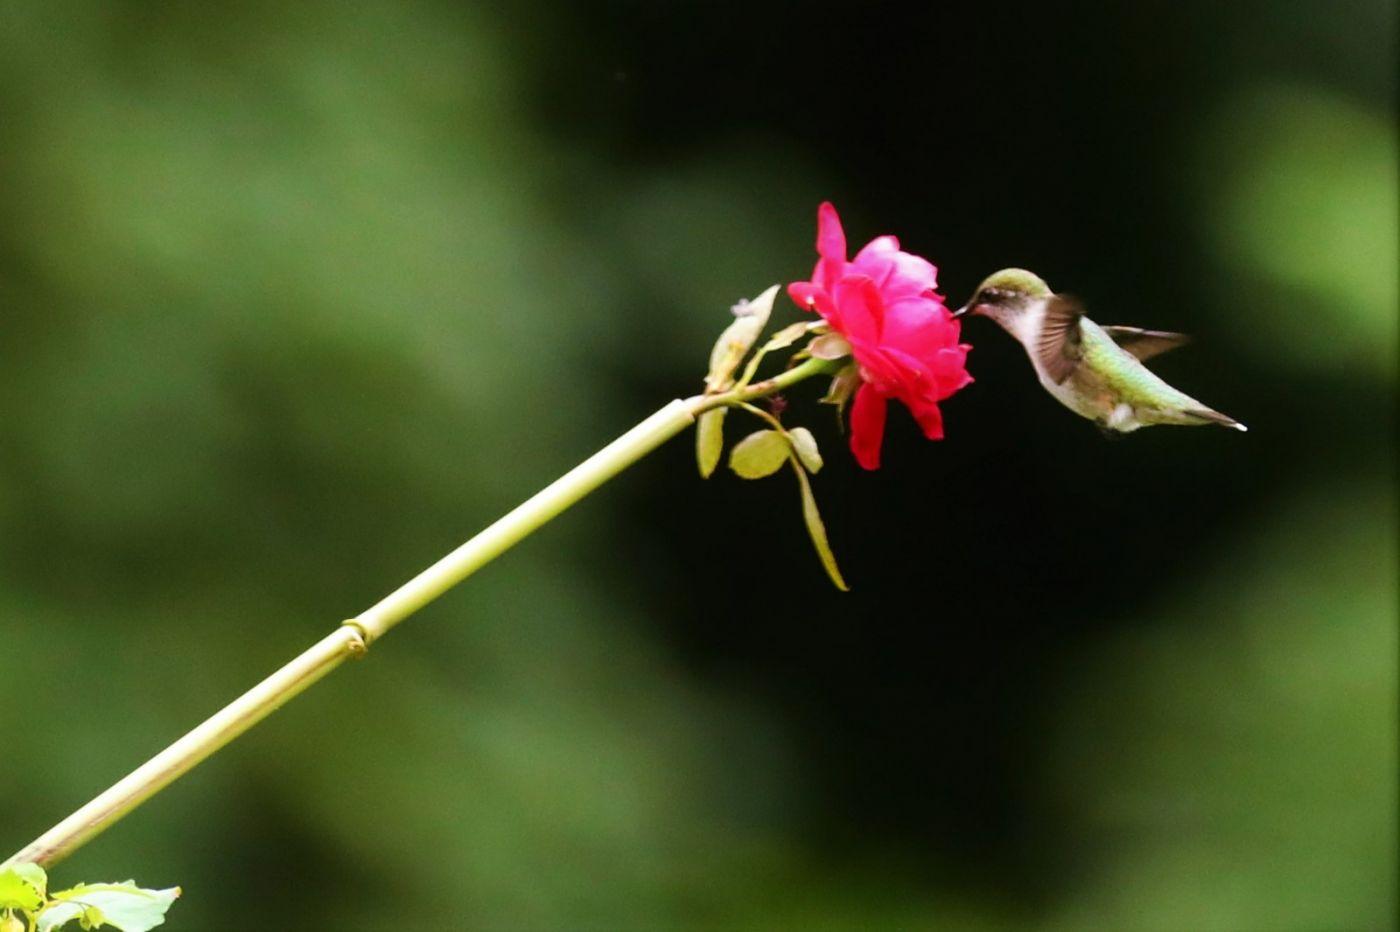 【爱摄影】追拍蜂鸟_图1-4